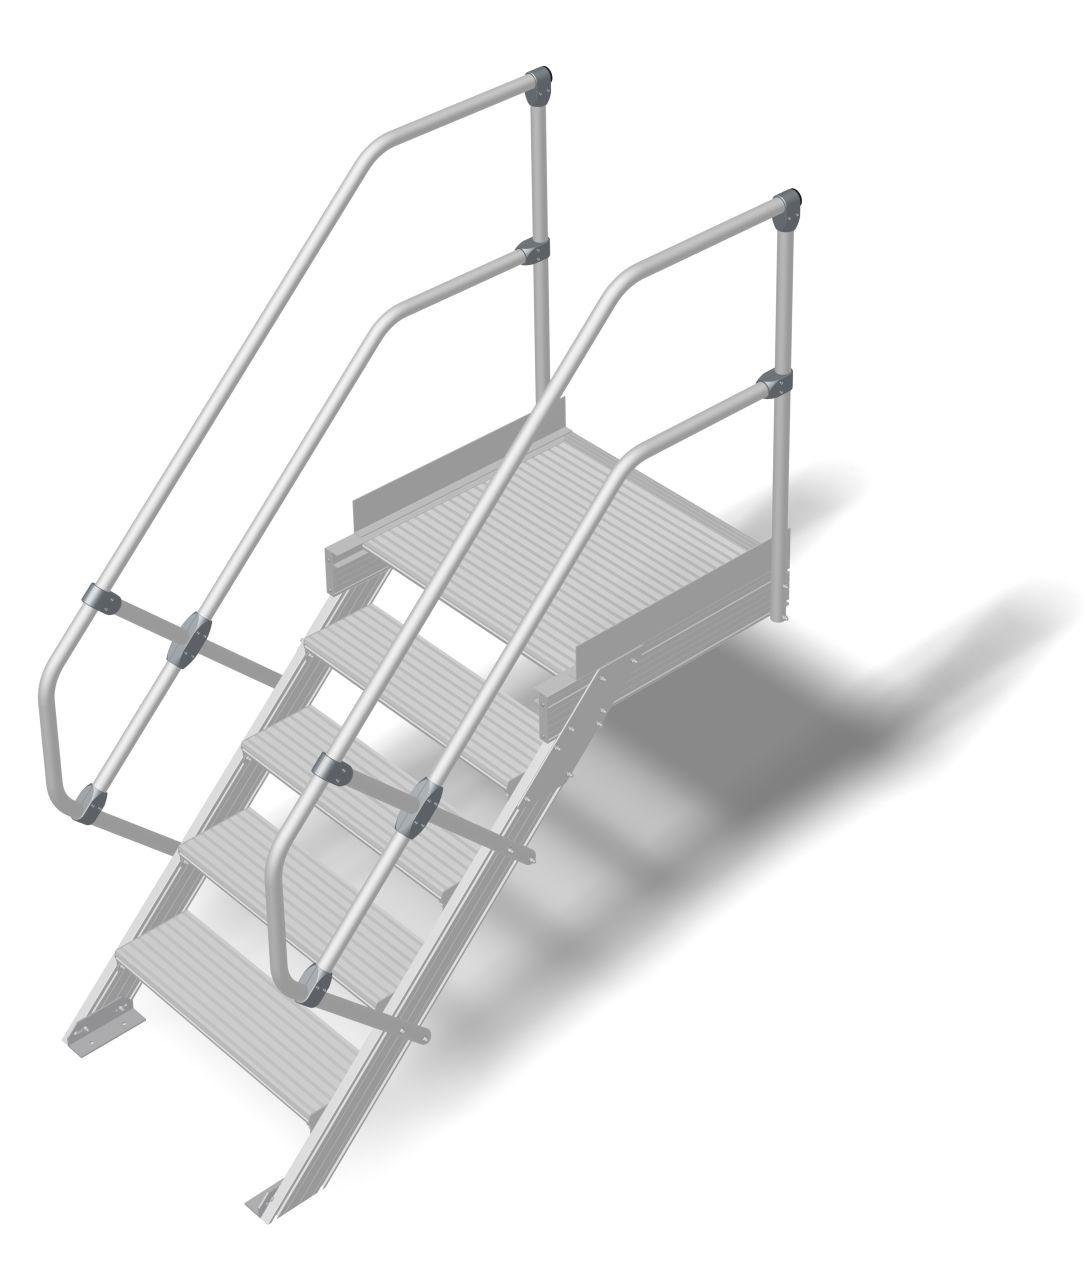 Treppe mit Plattform (Leichtmetall) Robuste Aluminium-Treppe für den sicheren Zugang zu Türen oder Zwischenböden etc. in Anlehnung an die DIN EN ISO14122Treppe mit Plattform (Leichtmetall) Robuste Aluminium-Treppe für den sicheren Zugang zu Türen oder Zwi